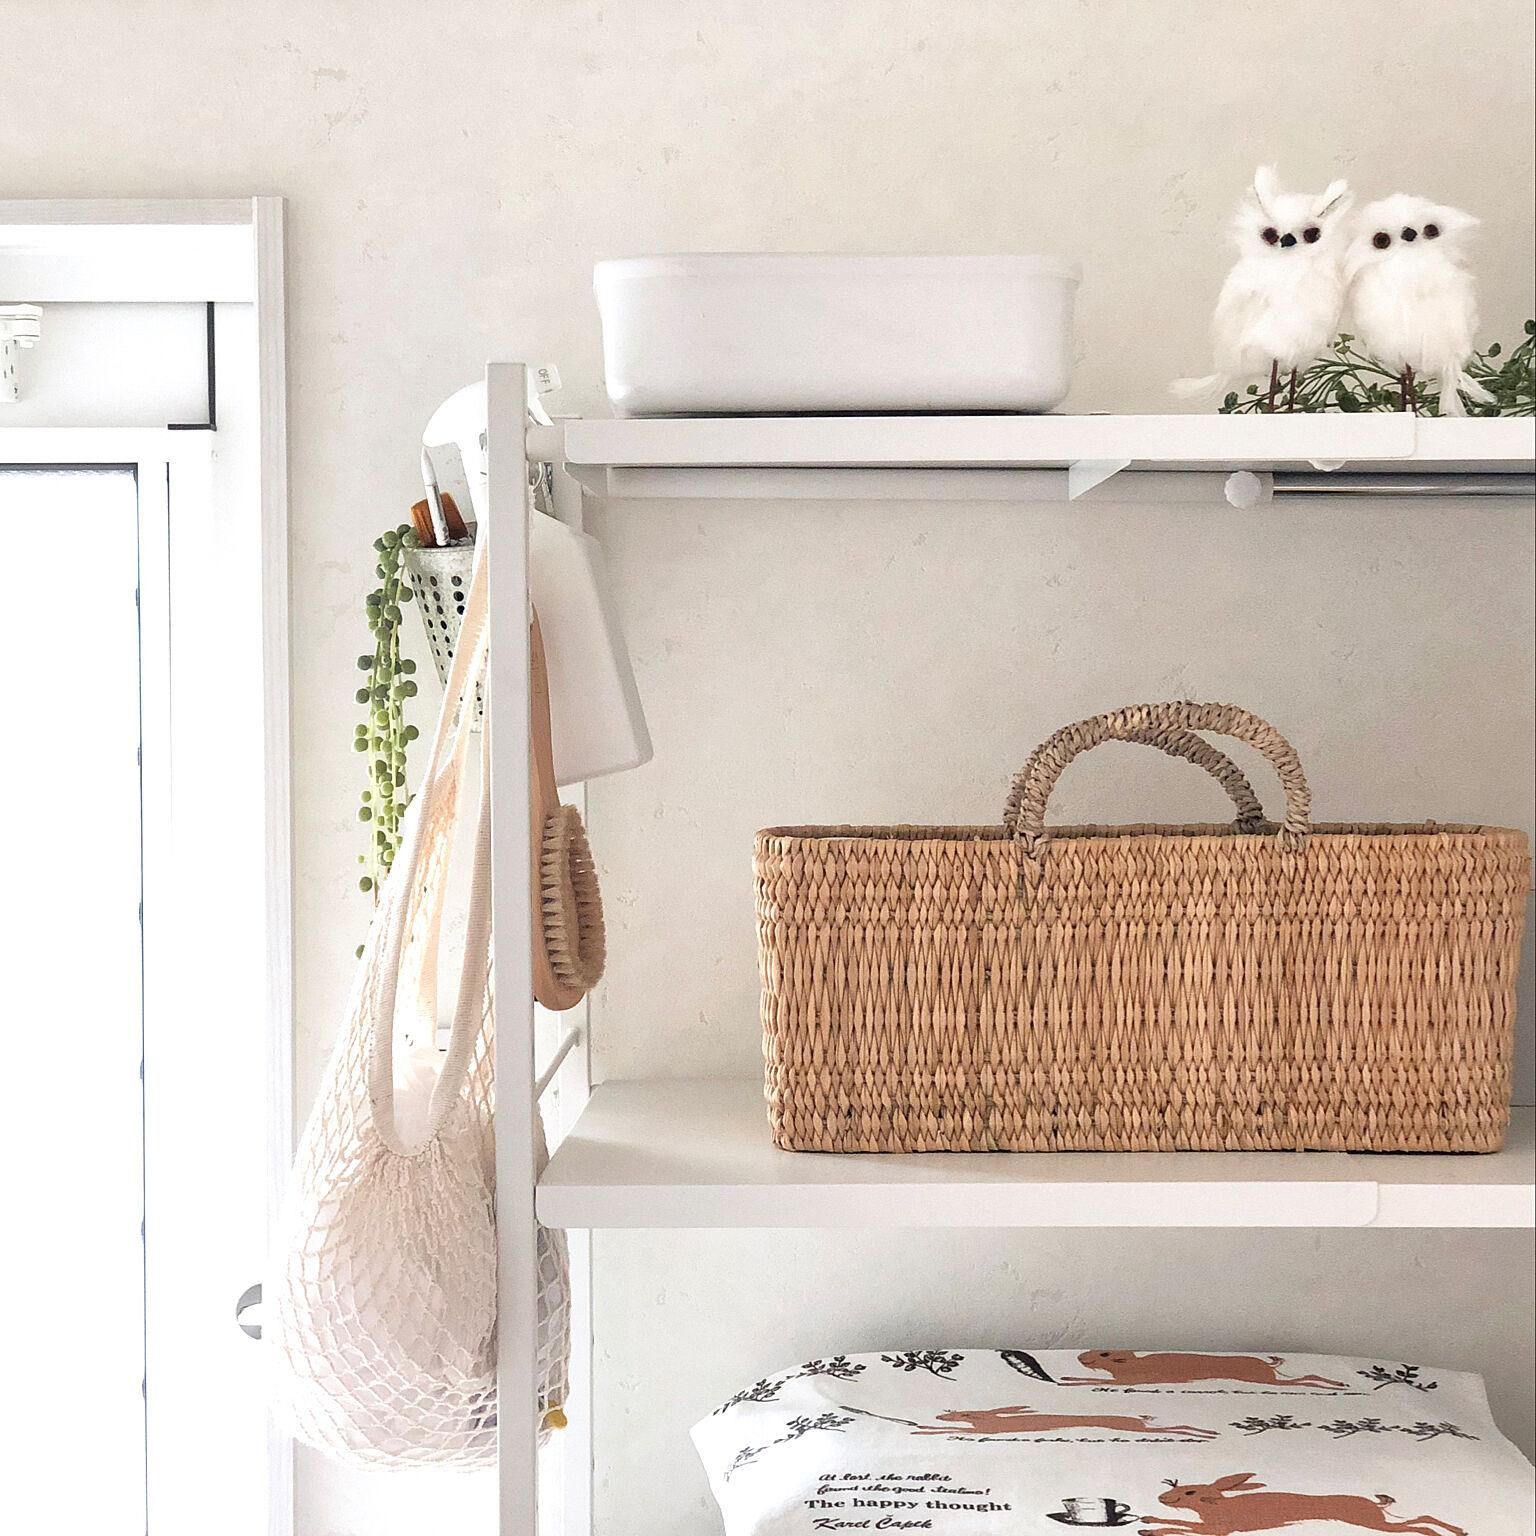 「扉の中まで画になる快適。収納を最適に洗練するコツ」 by usaco.さん